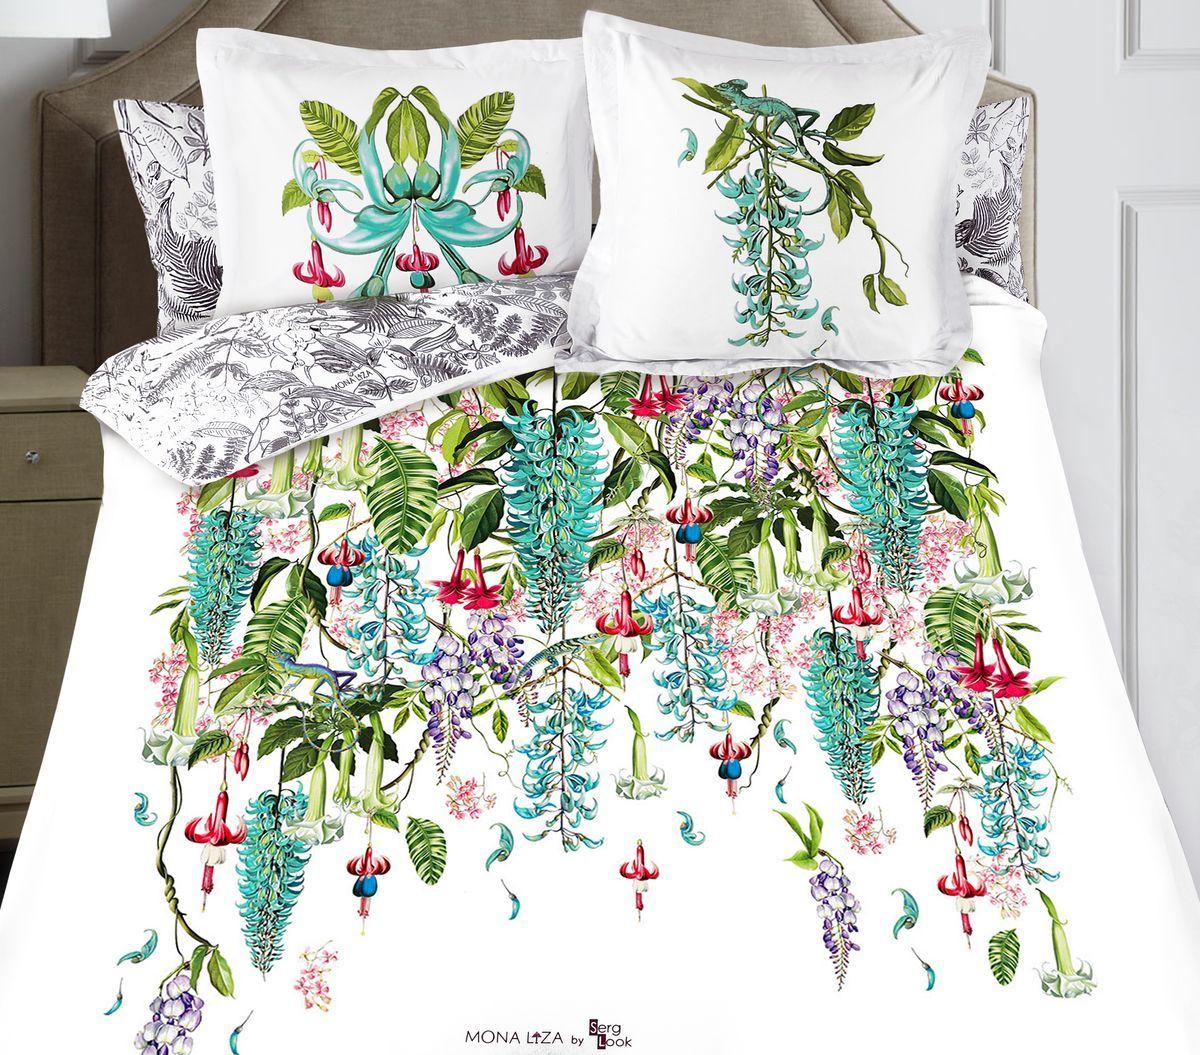 Комплект белья Mona Liza Jade, евро, наволочки 50x70 и 70x70, цвет: белый. 9/69/6Флоральные мотивы редких экзотических цветов, переведенные в паттерн, позаимствованы из путешествий по тропическим лесам, будоражат воображение природными сочетаниями цветовых палитр и роскошью принтов. Коллекция принесет в ваш дом незабываемое настроение и добавит колорит. Высококачественный сатин окутает и позволит раствориться в мечтах о дальних жарких странах и окунуться во время вечного лета!